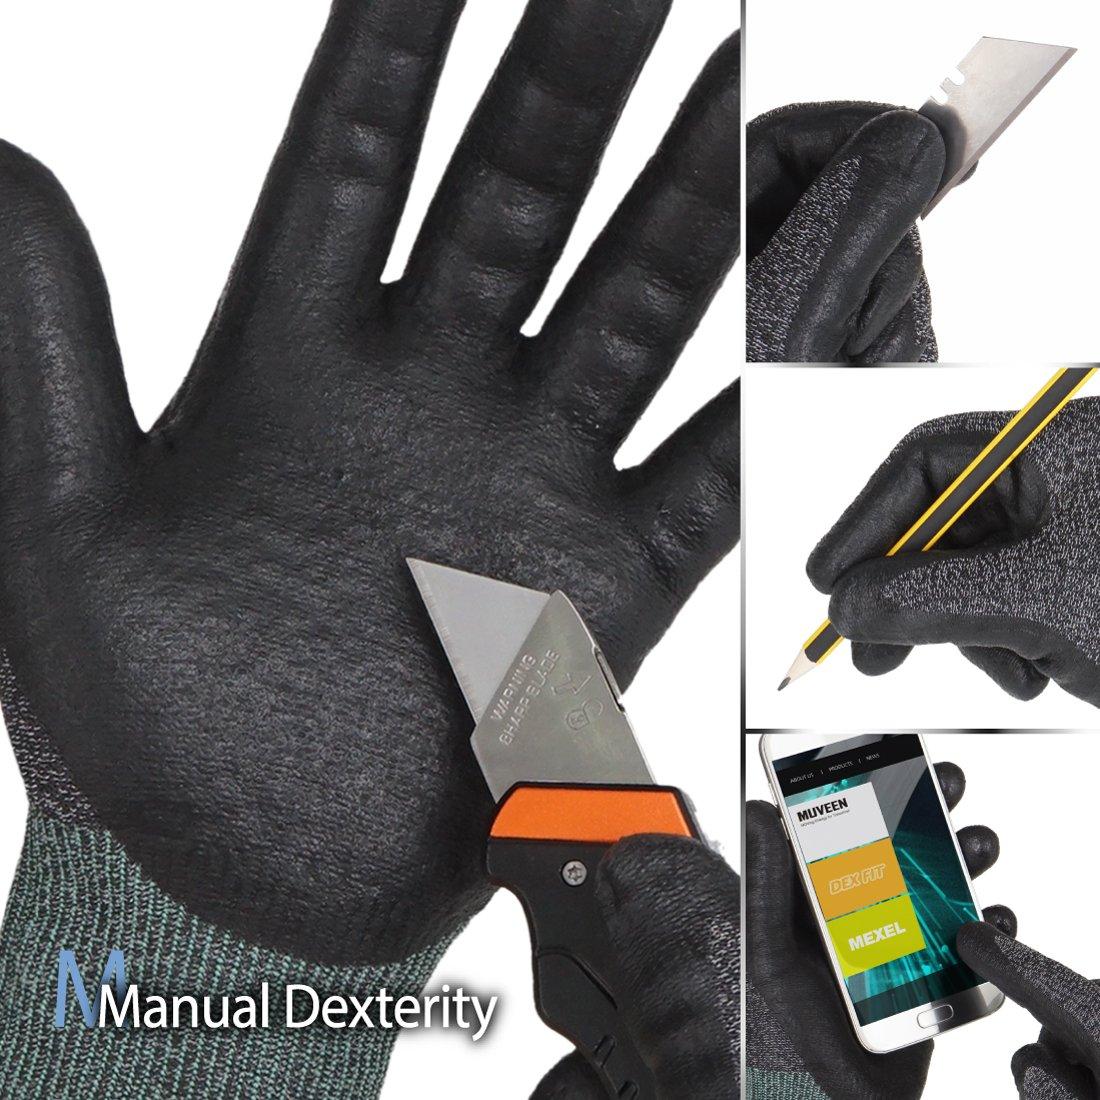 Lavable /à la machine DEX FIT Gants de jardinage FN320 Power Grip Comfort 3D Stretchy Fit Haut /élastique Mince et l/éger Mousse Nitrile Durable Rouge Grand 3 Pairs